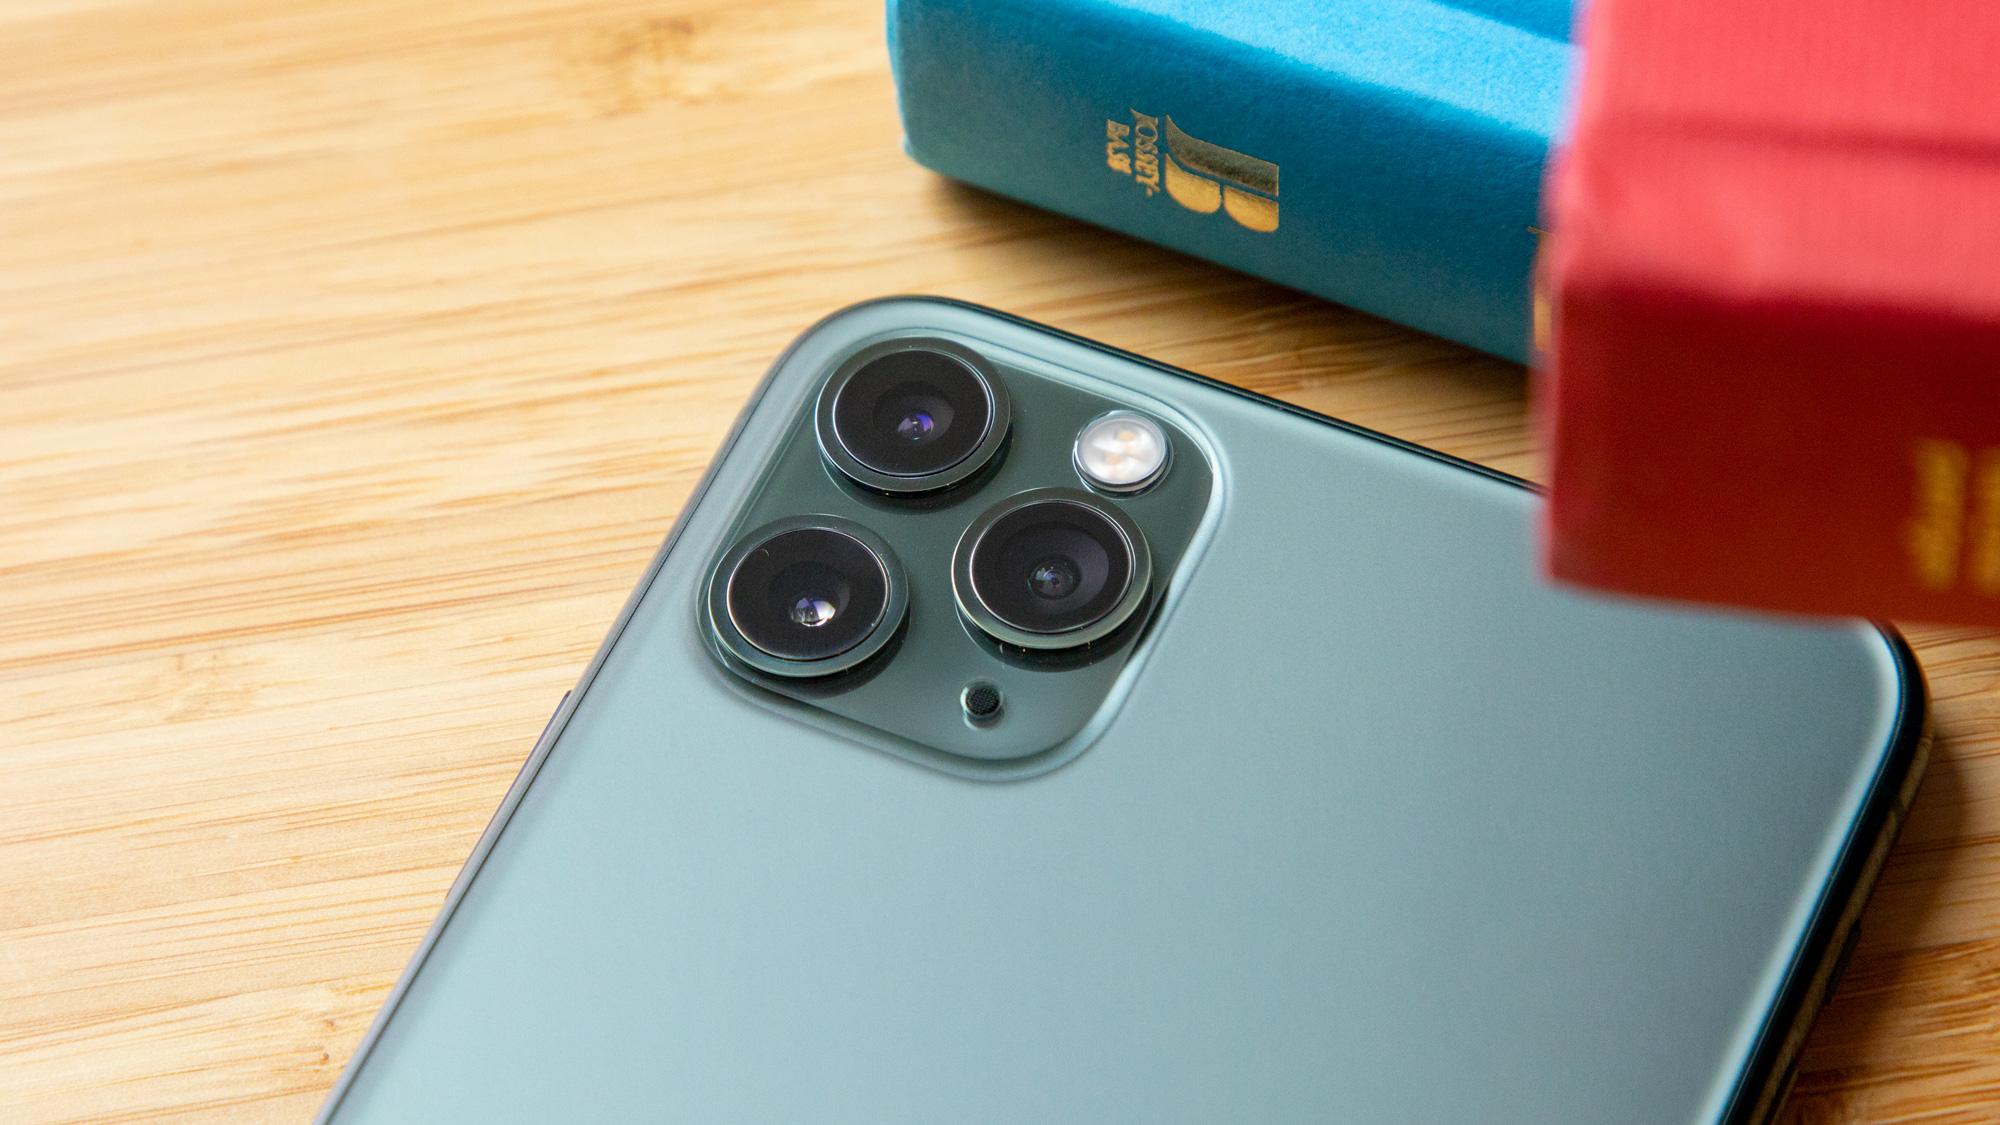 گوشی موبایل اپل مدل iphon 11 pro دو سیم کارت ظرفیت 64 گیگابایت